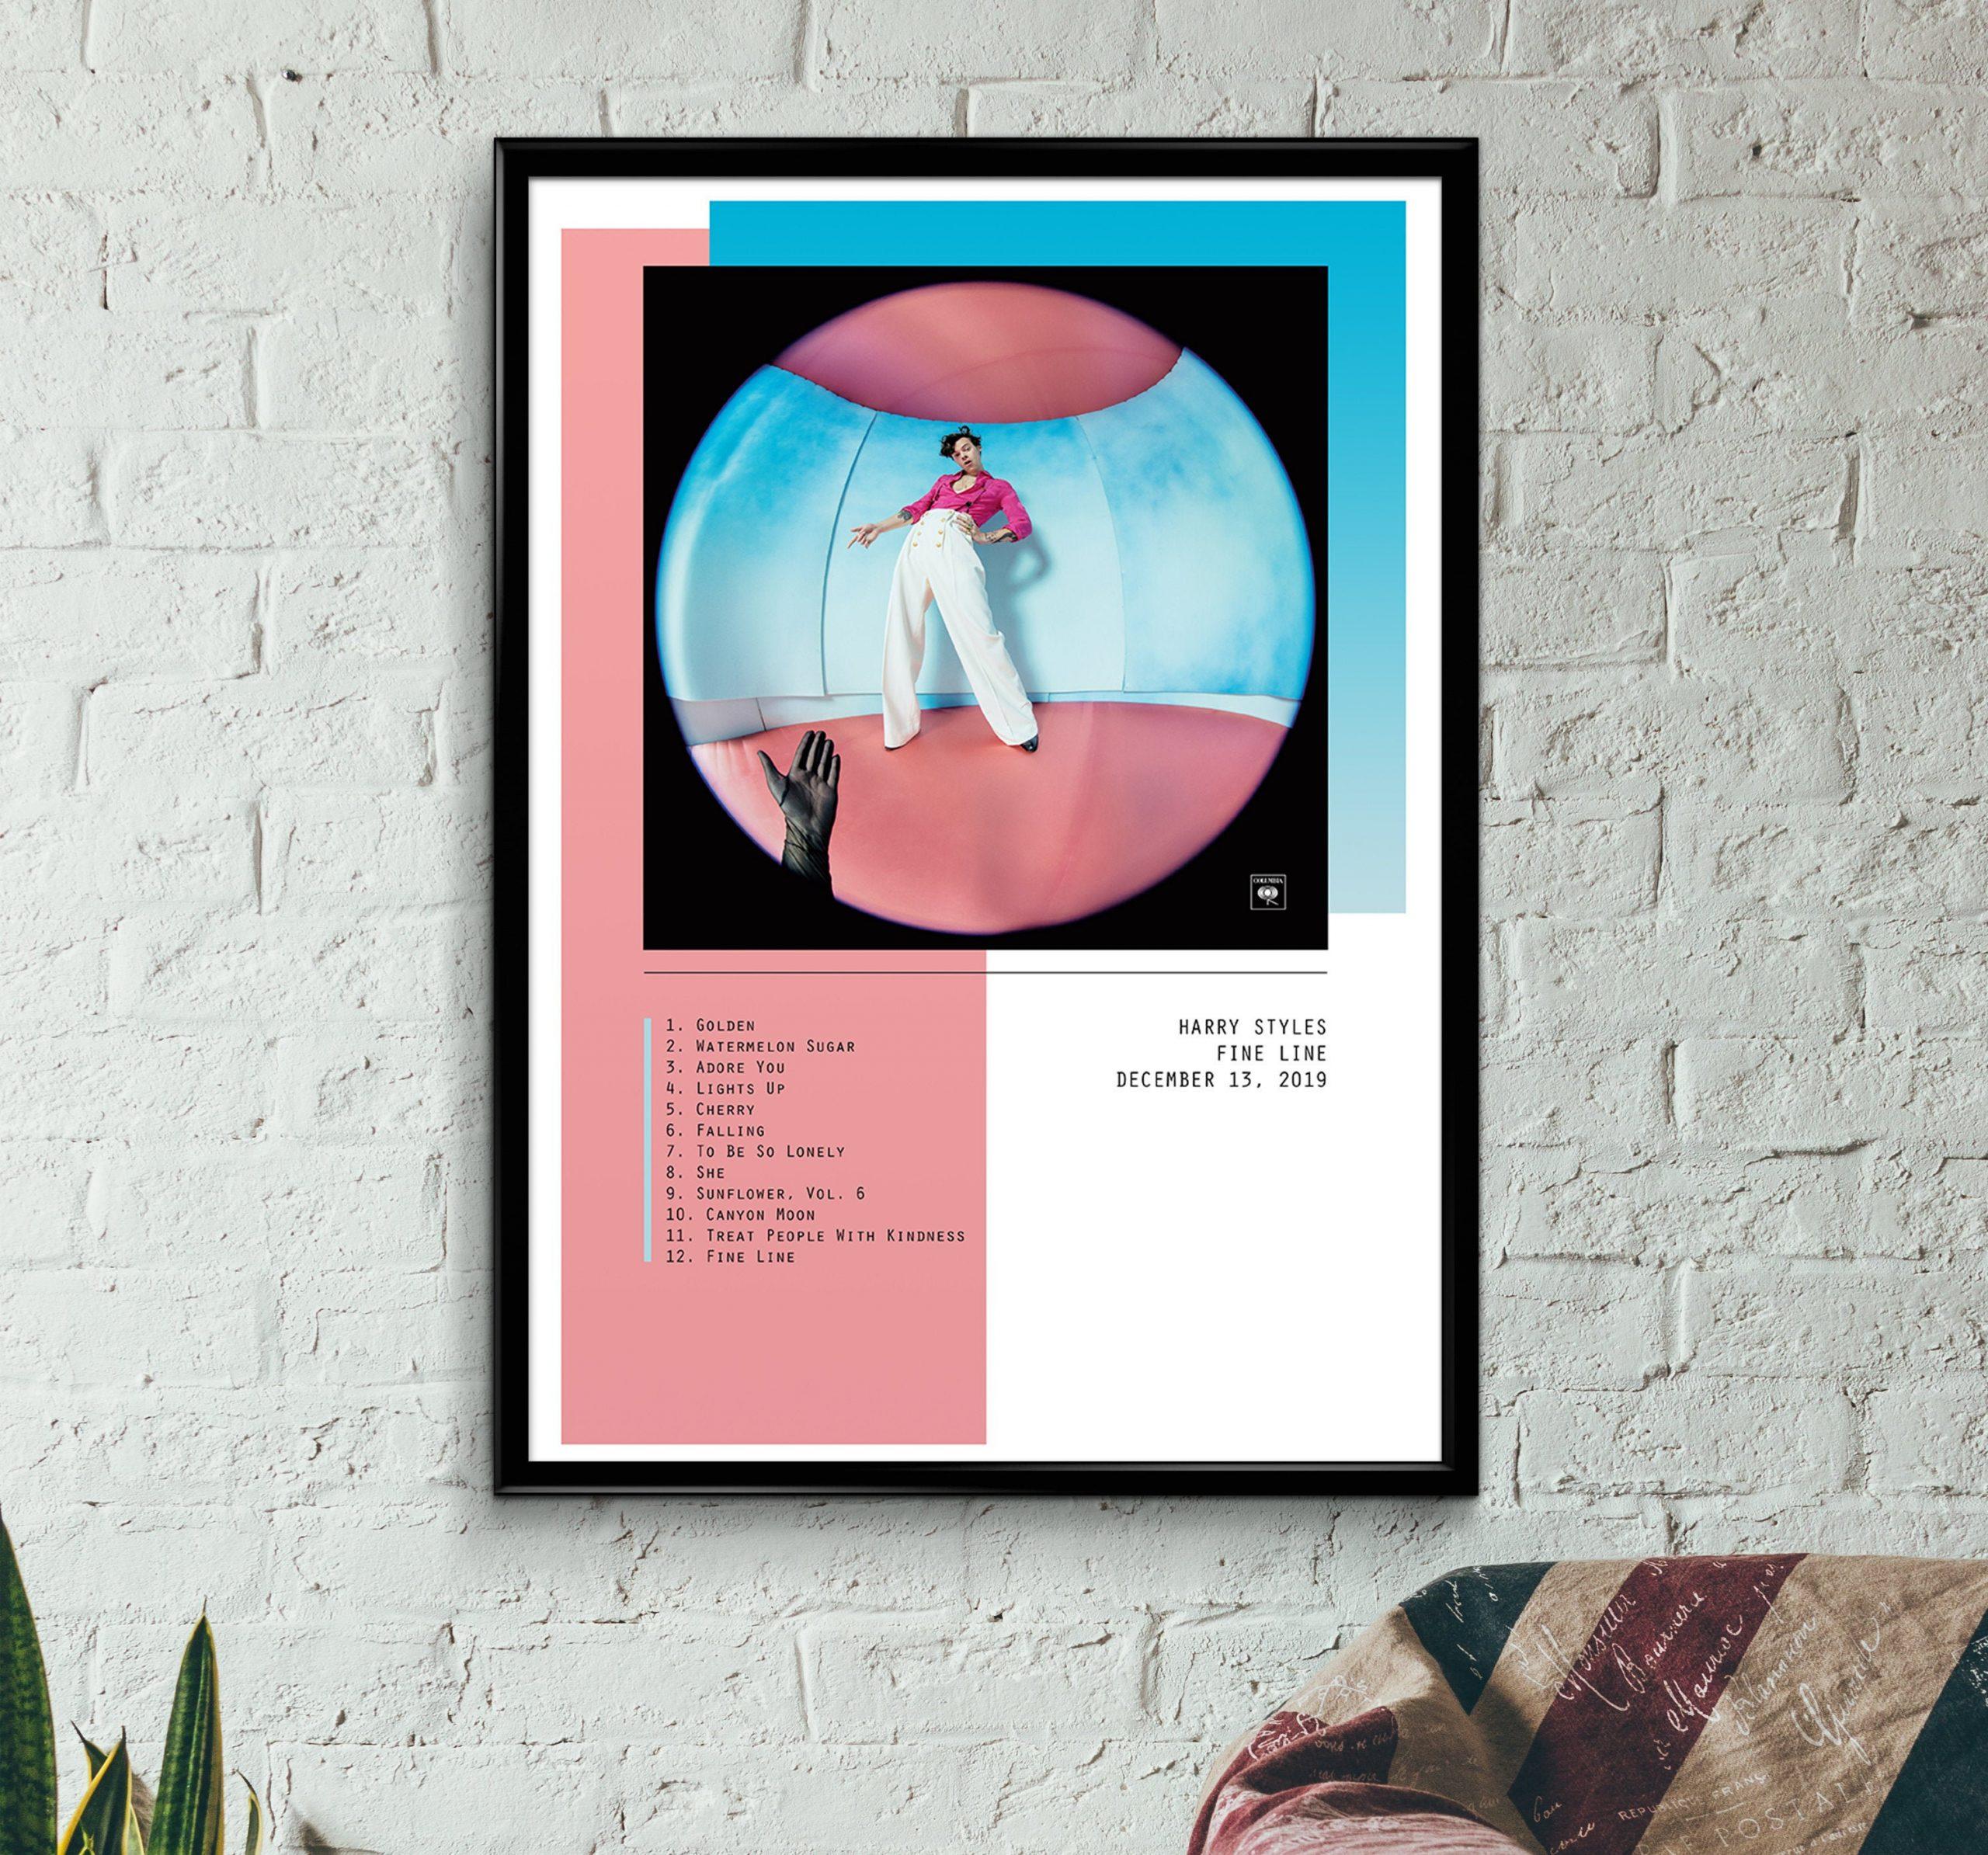 harry styles fine line album wall art